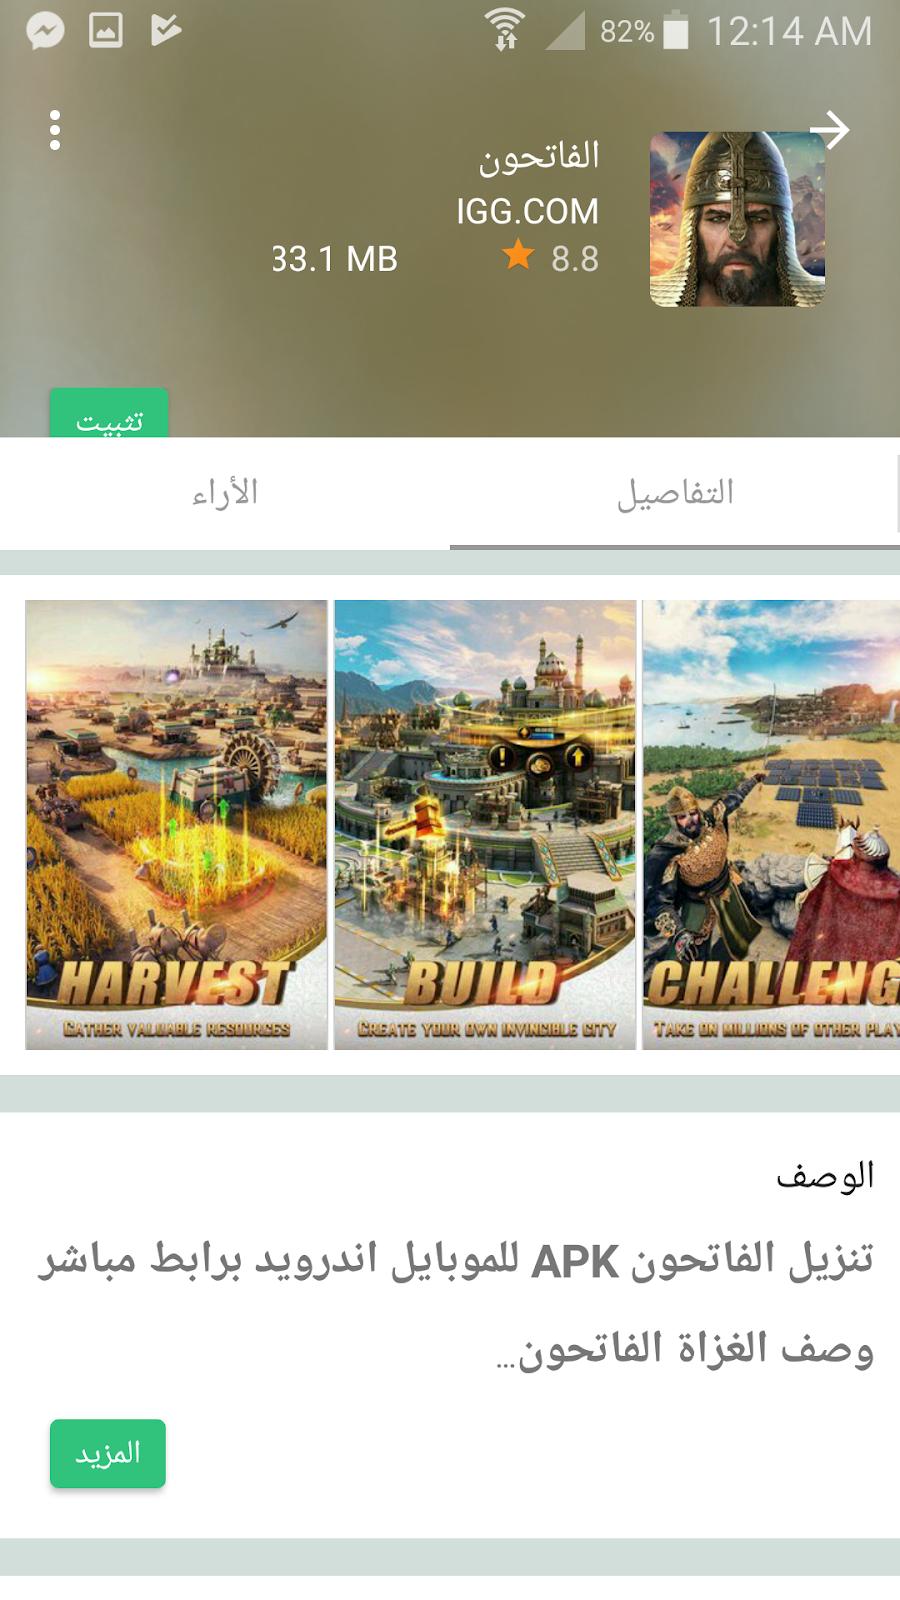 تحميل برنامج متجر بلاي لتحميل تطبيقات والالعاب الاندرويد المدفوعة